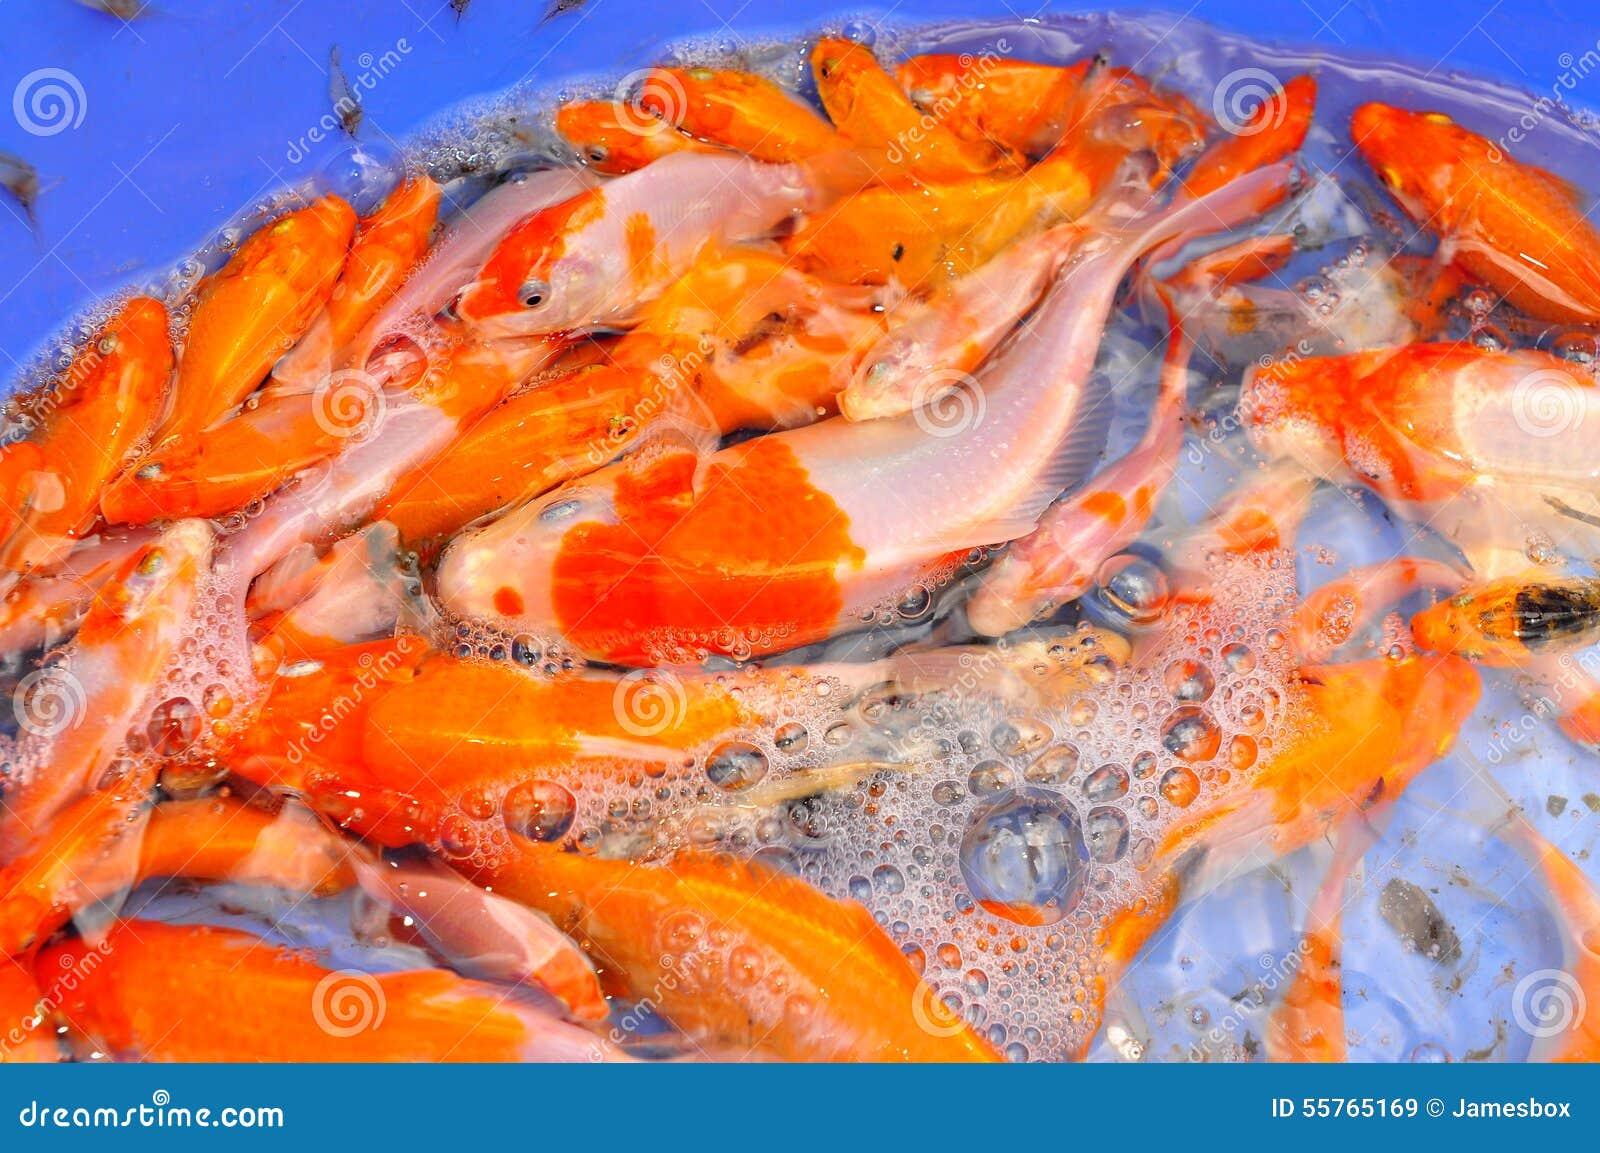 Broodstocks of koi fish in tank in a farming center in for Fish in vietnam